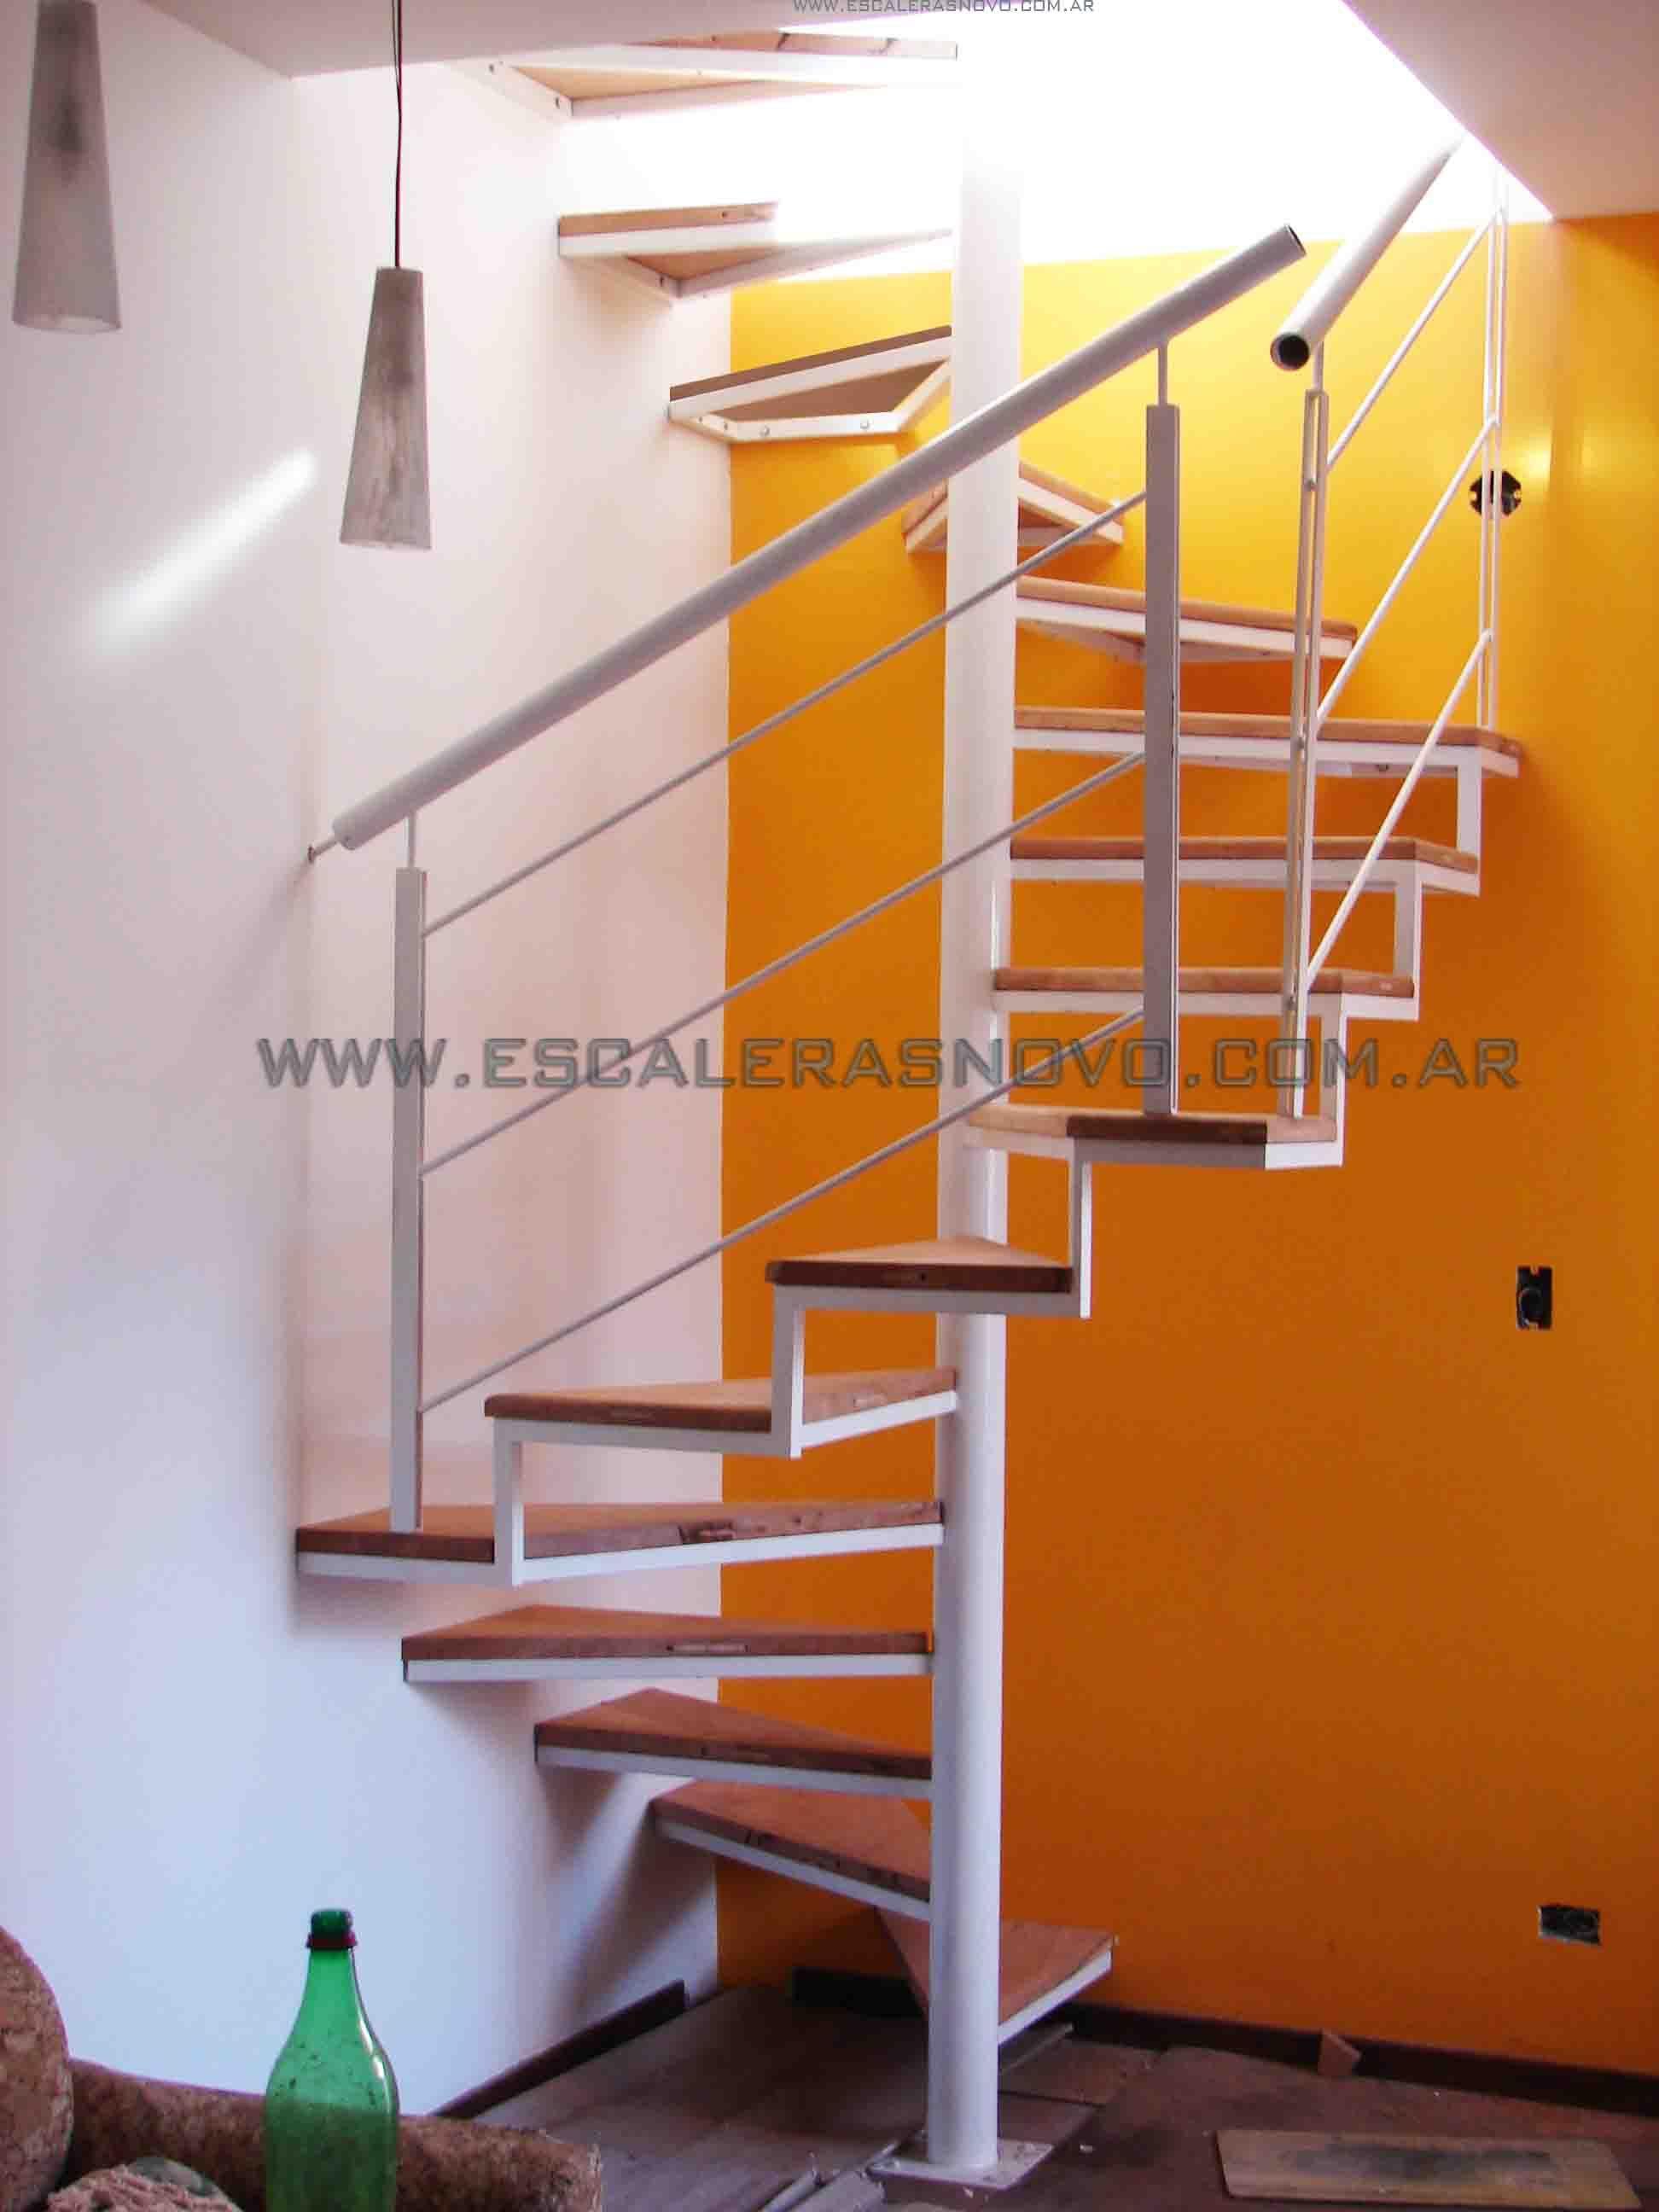 Escaleras caracol cuadrada deco pinterest escalera for Gradas metalicas para casas